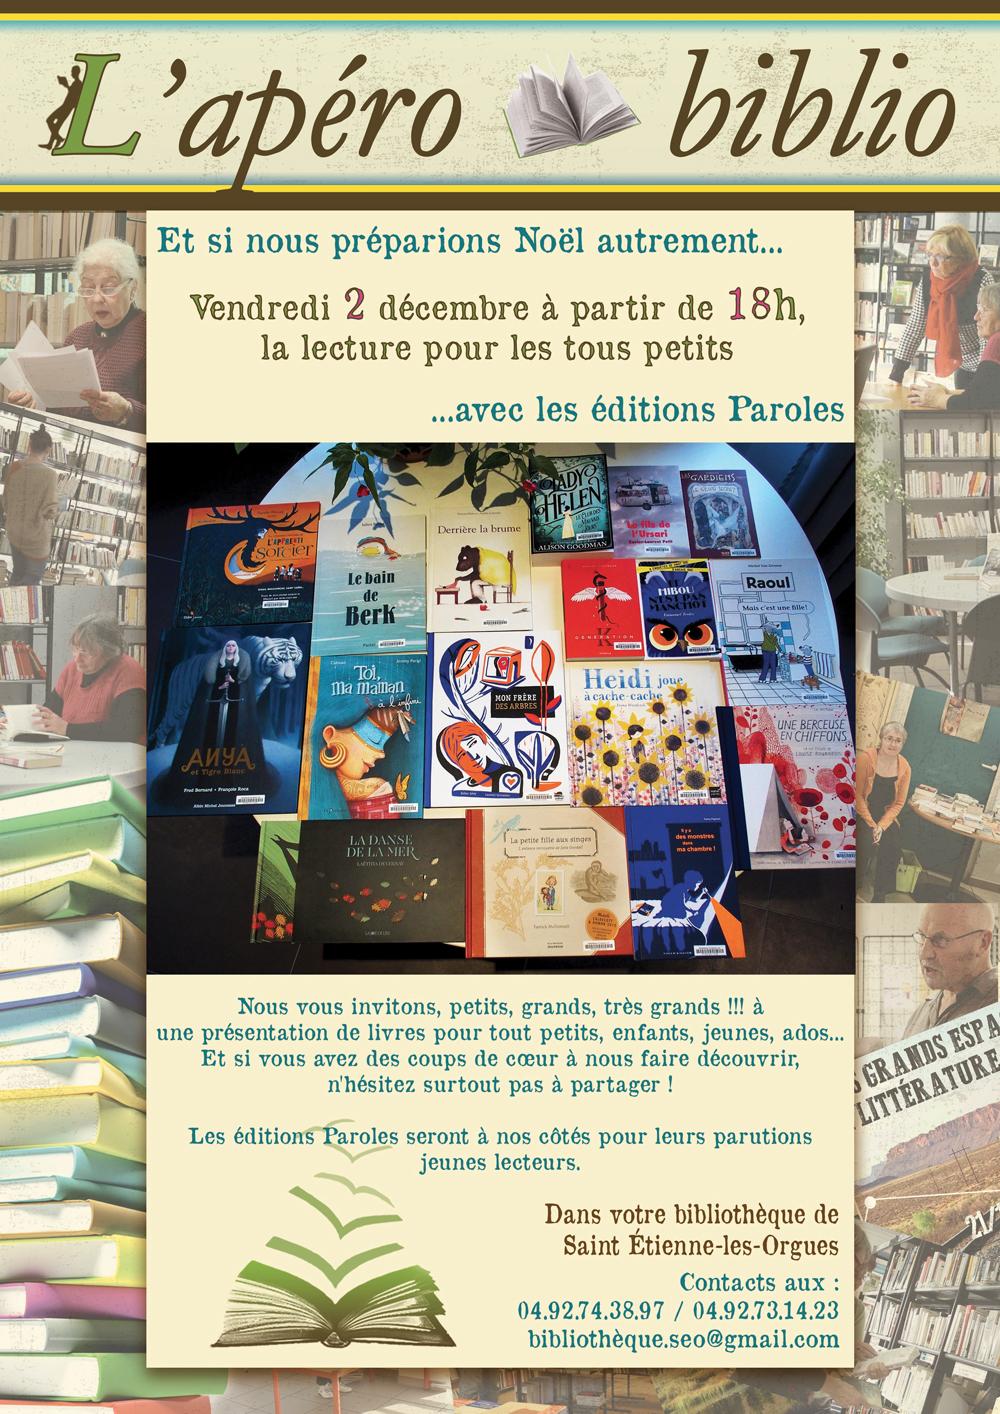 apero-biblio-lecture-tous-petits-021216